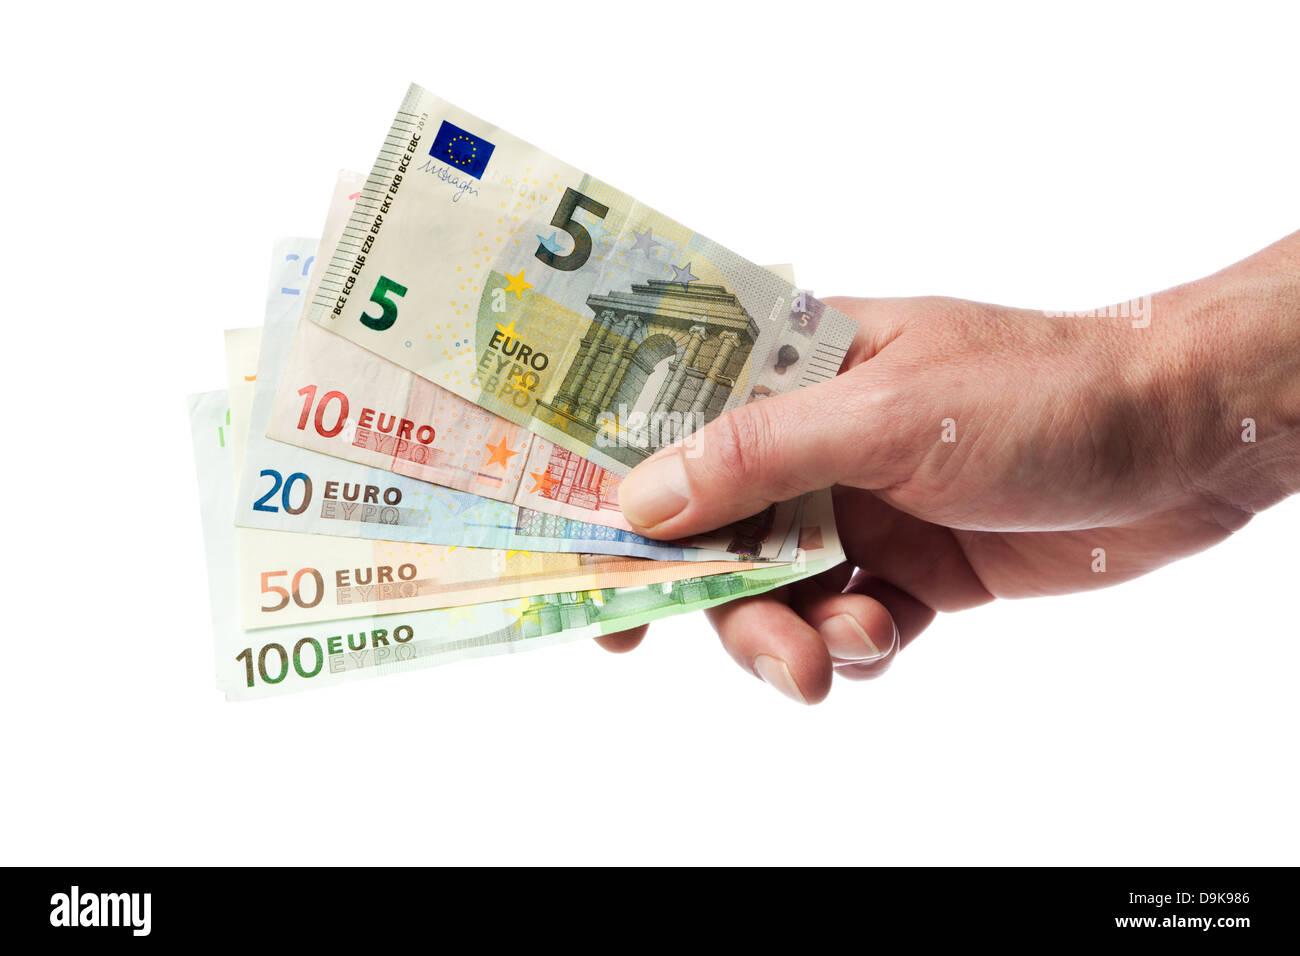 Tenir la main des hommes de loi de la monnaie européenne à cinq cents euros ventilés, isolé Photo Stock